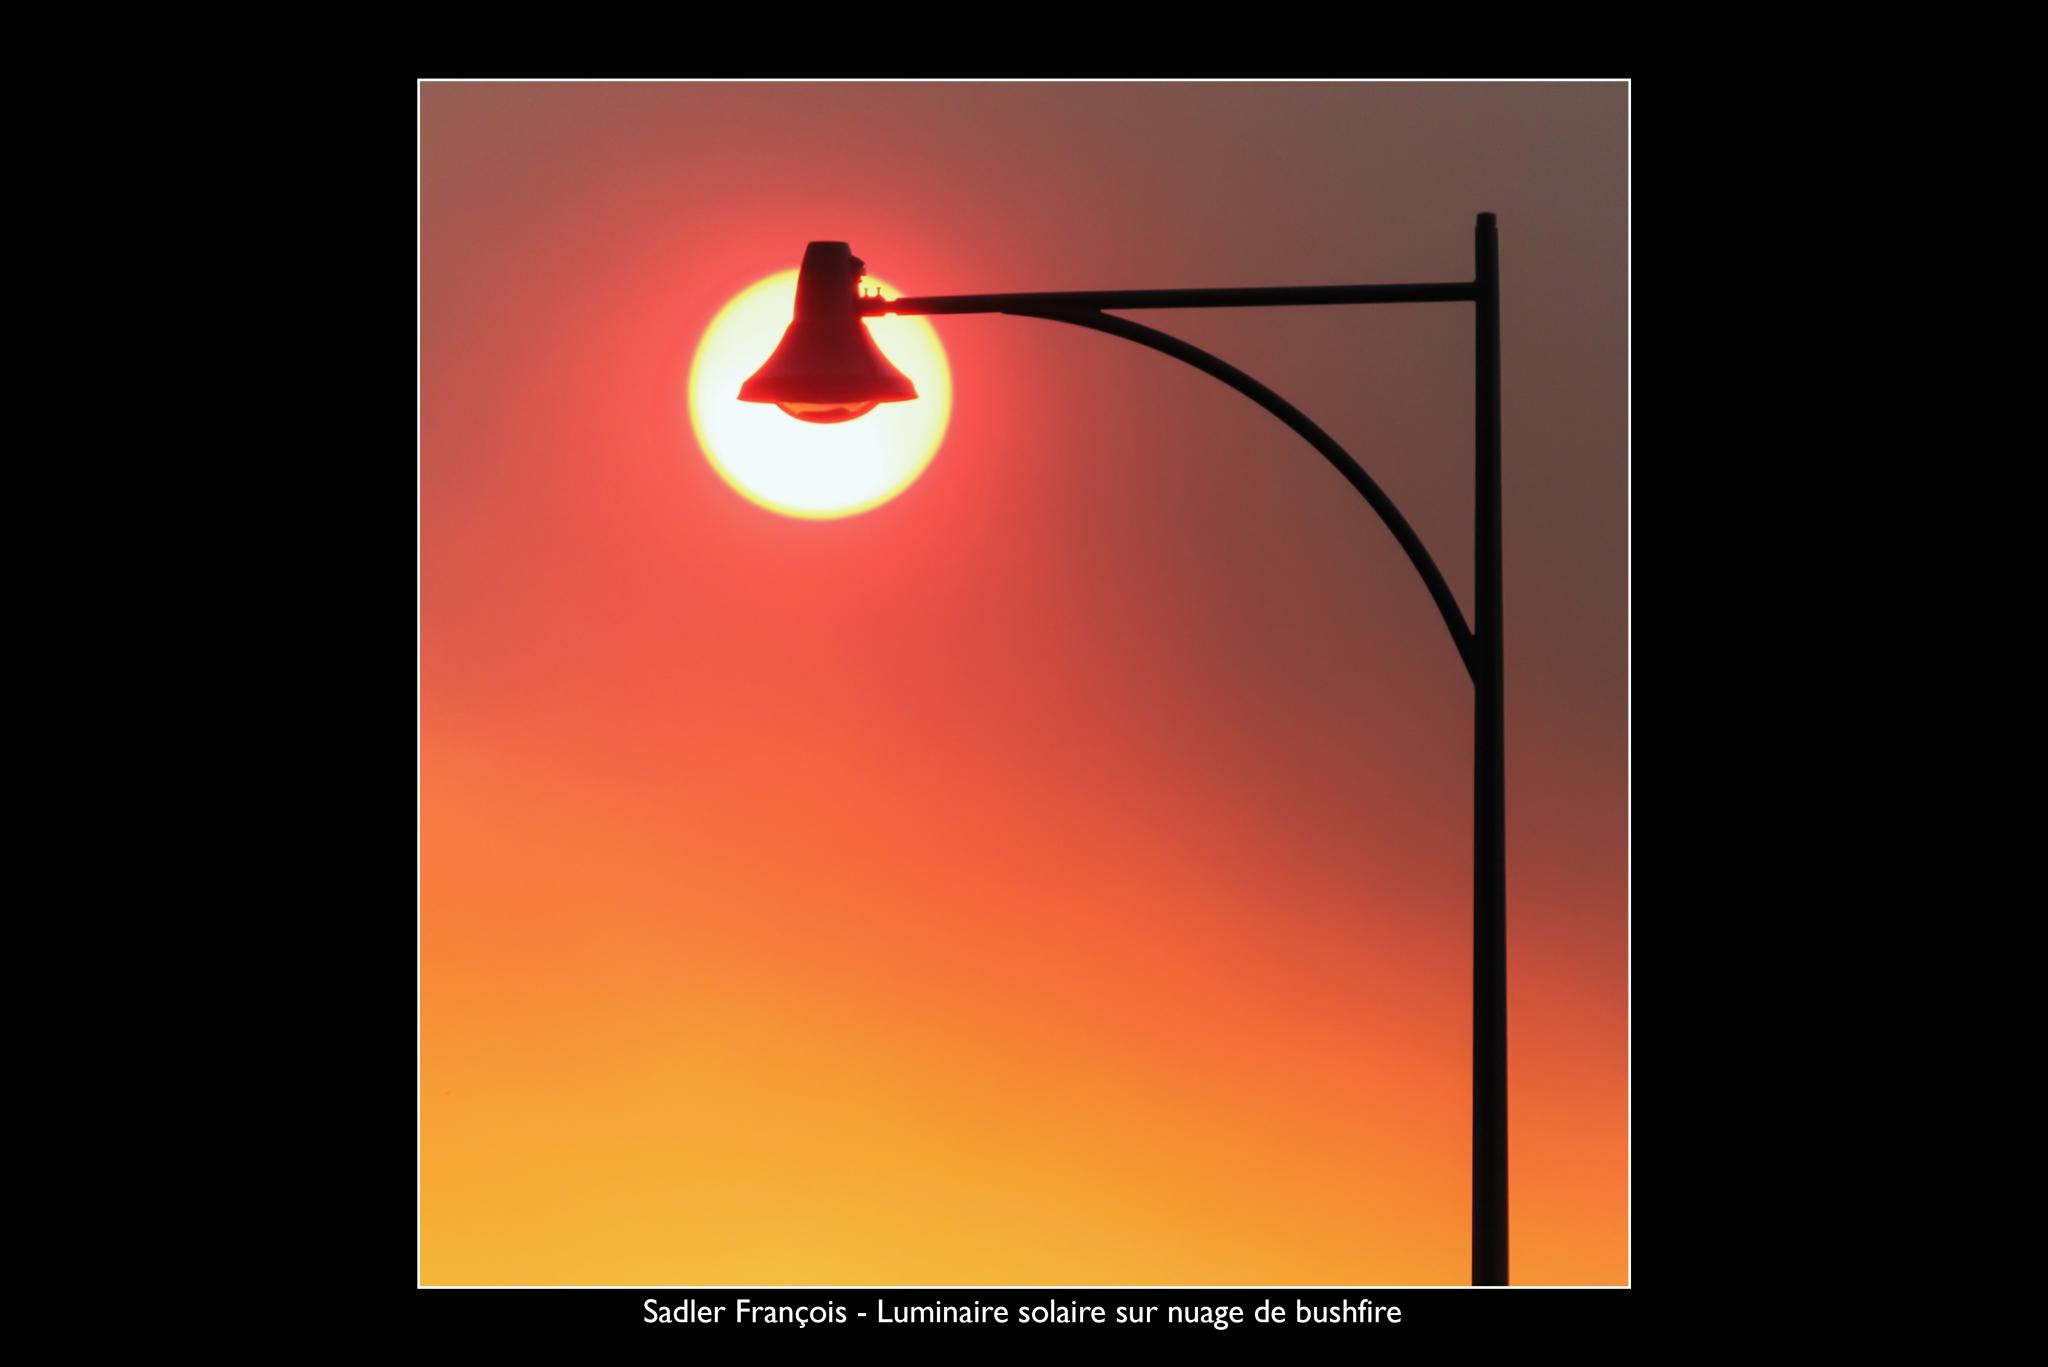 SADLER François - Expo 2018 - Papier 5 - Luminaire solaire sur nuage de bushfire